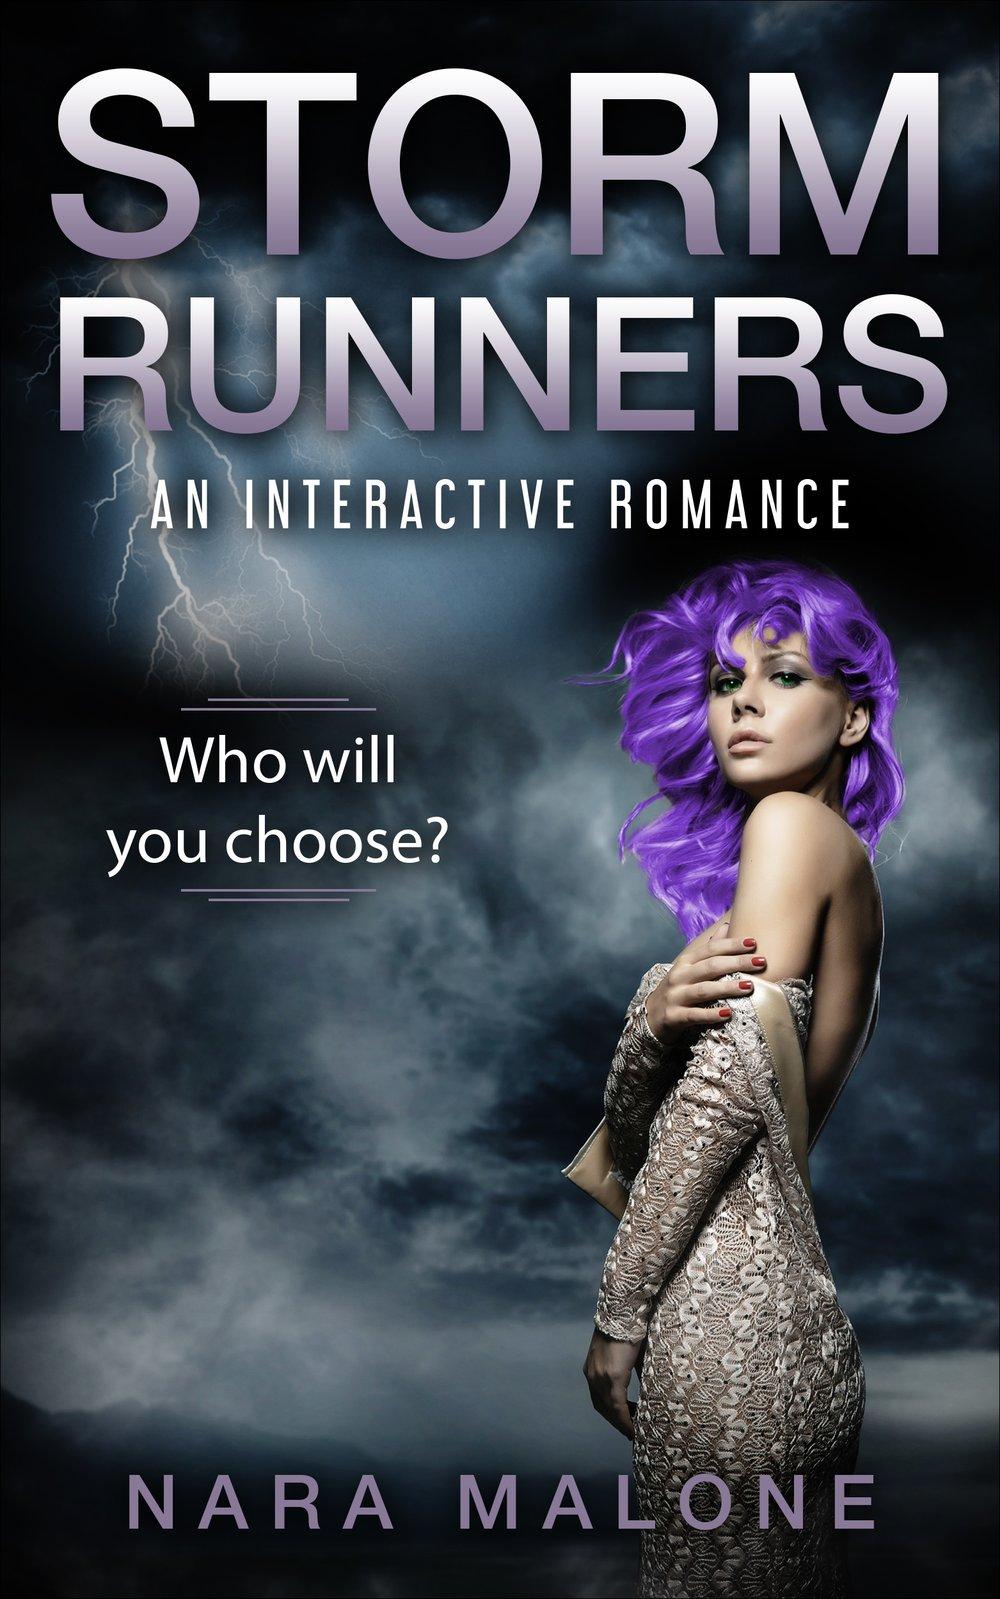 Storm-Runners_Nara-Malone_cover.jpg